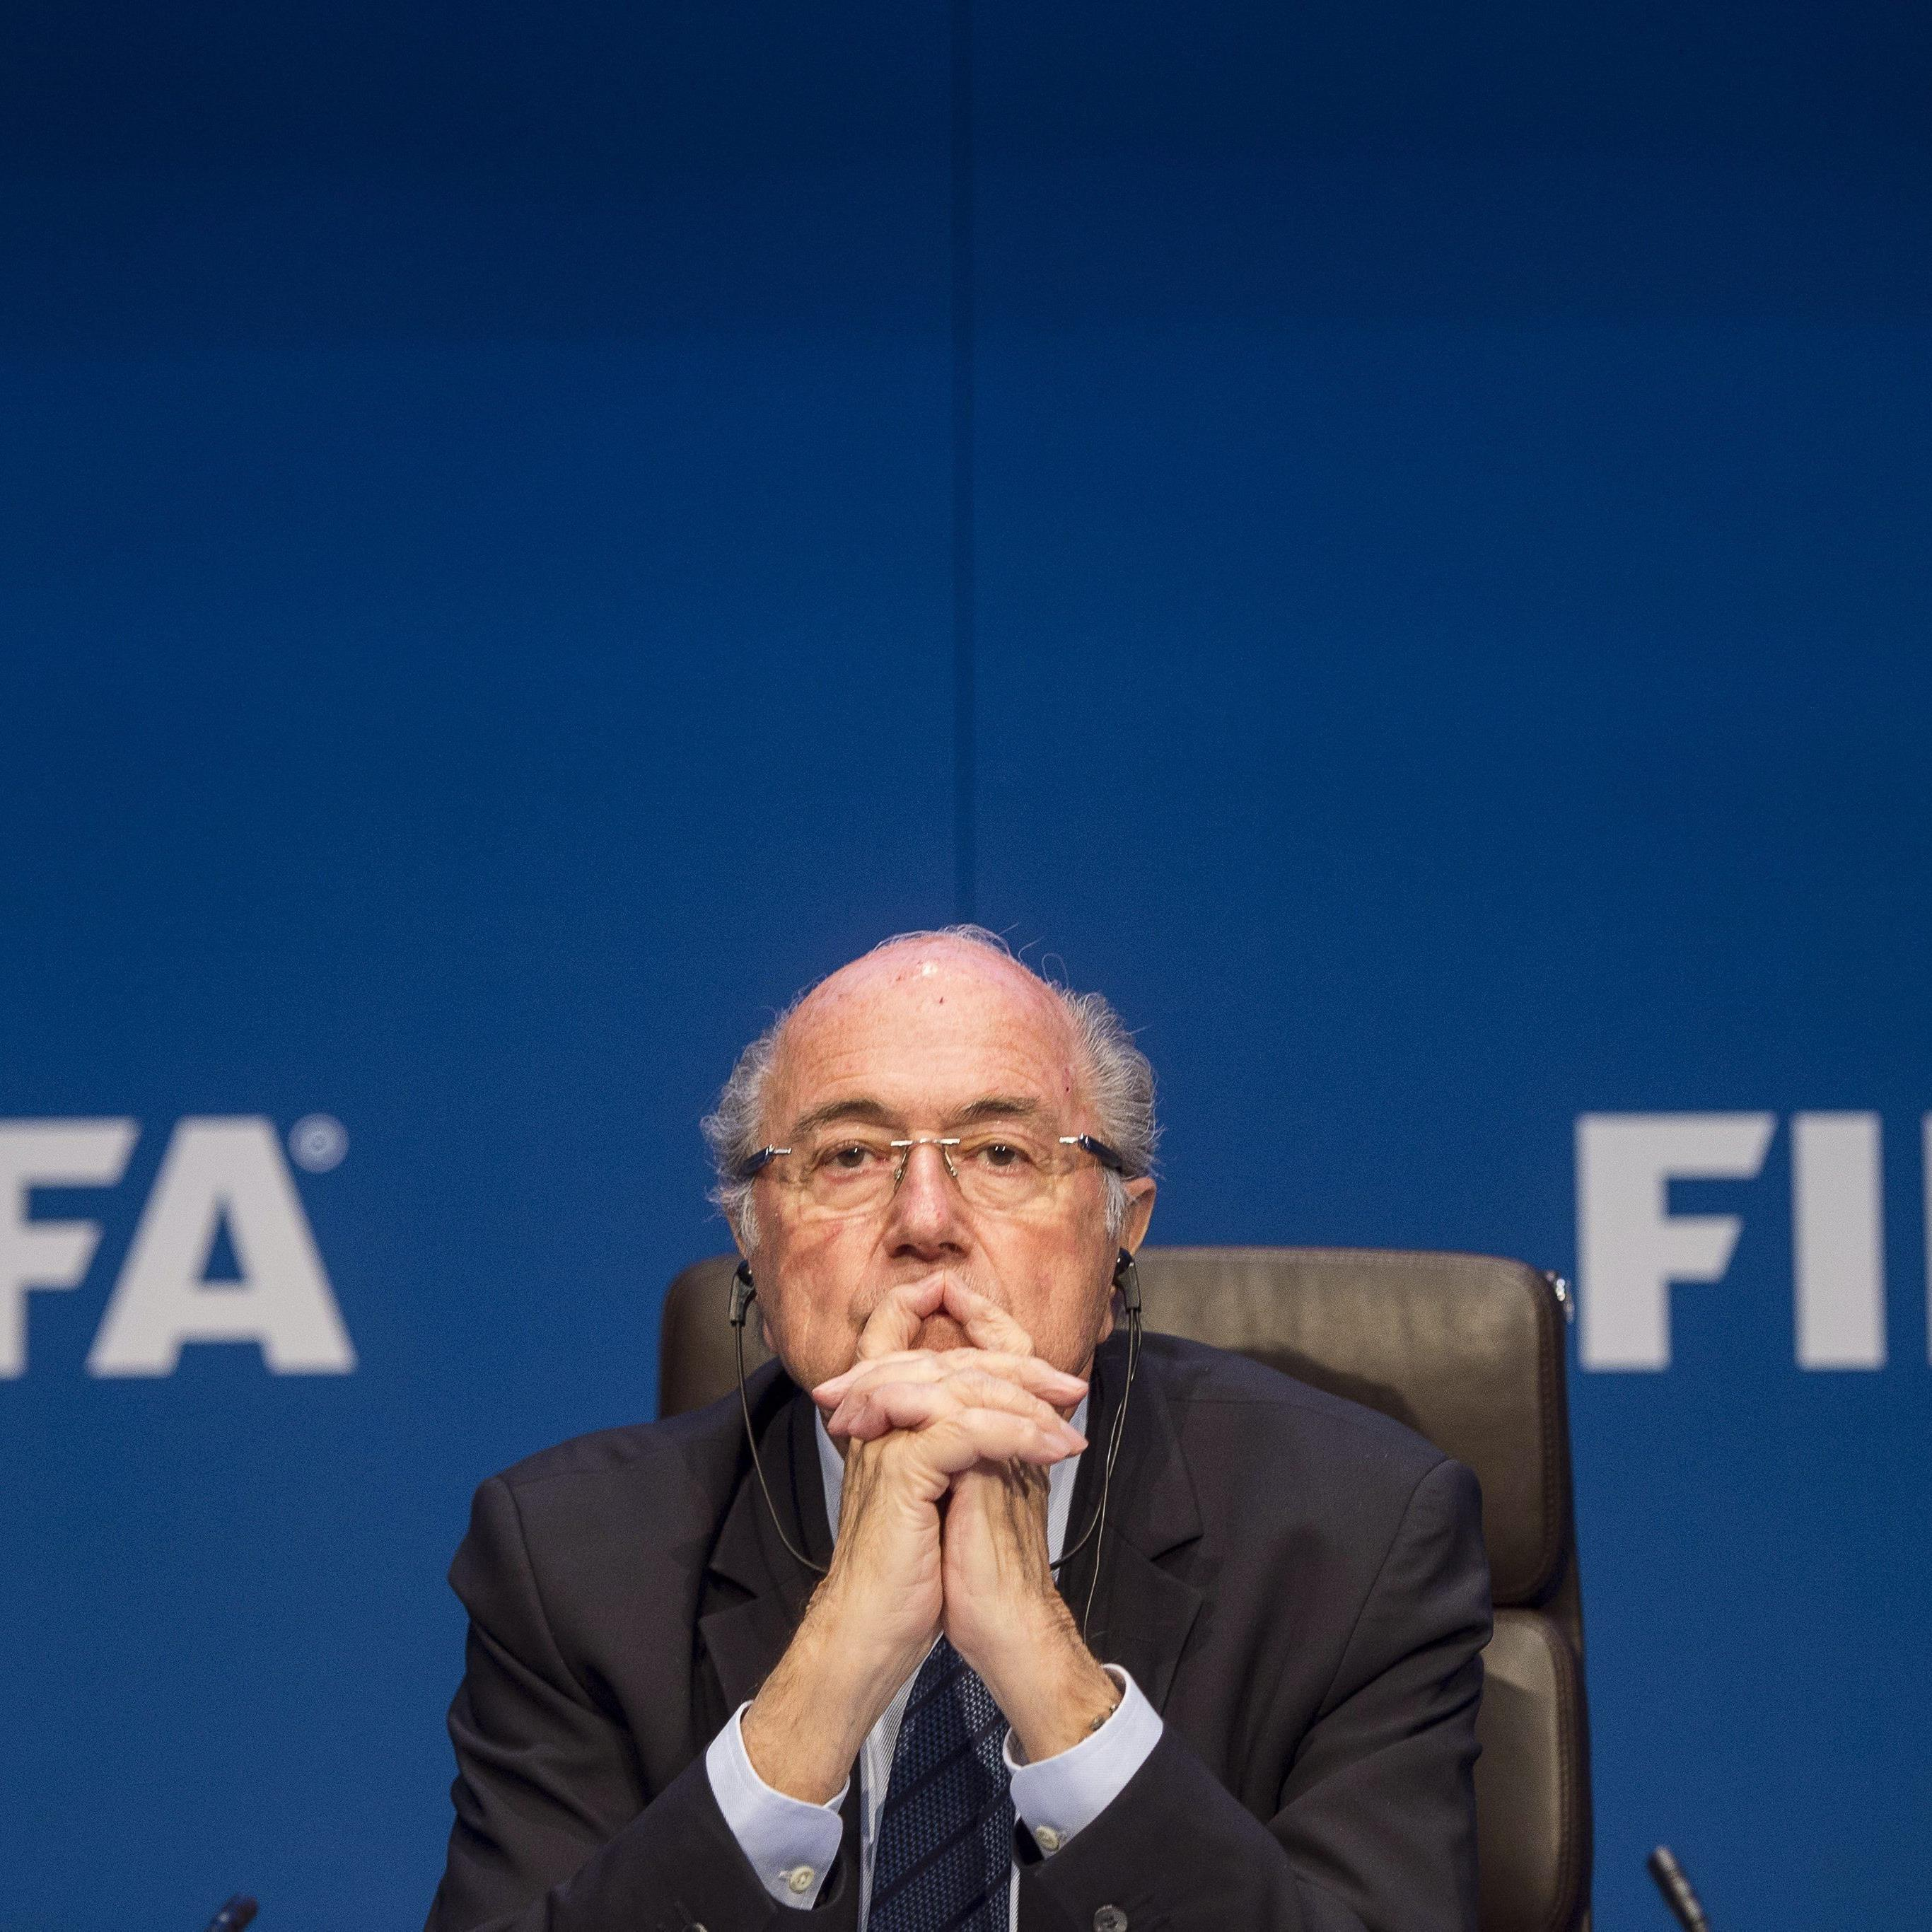 Selbst der größte Korruptionsskandal in der Geschichte der FIFA kann an Blatters Thron nicht rütteln.